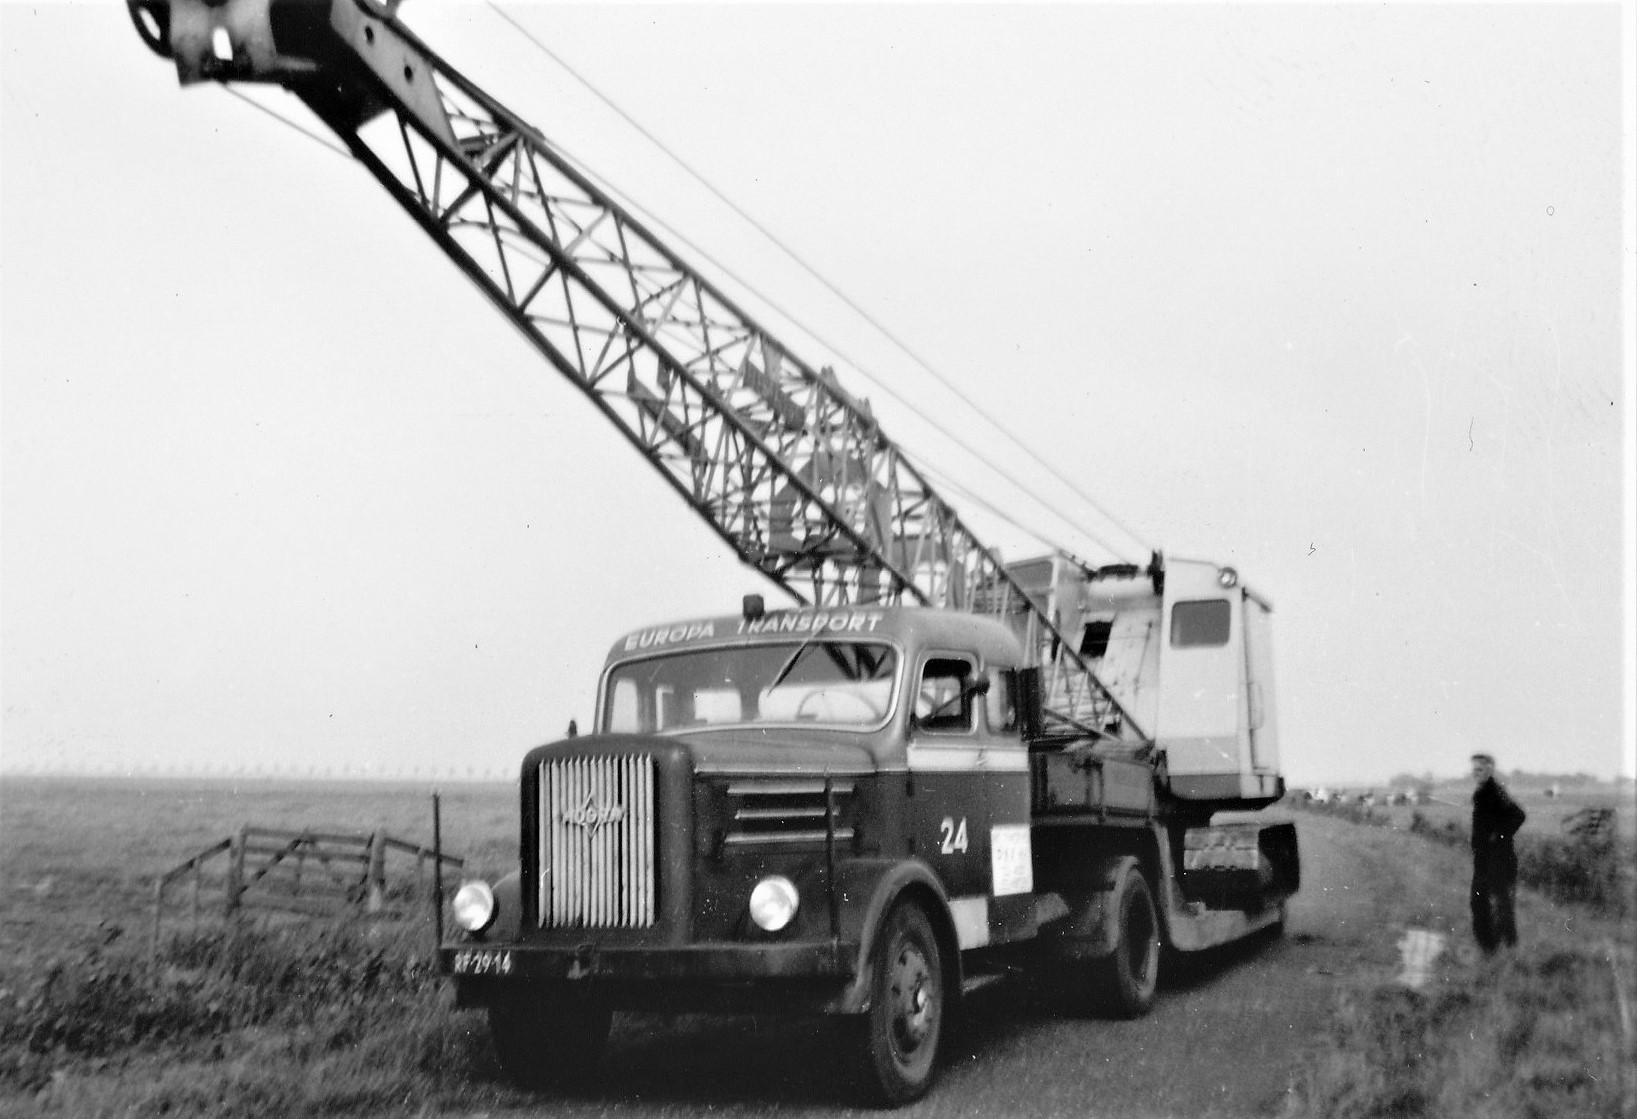 Hogra-1954-1955-samen-stelling-van-de-achternamen-van-Dhr-Hoek-en-de-finacier-Mvr-Gravelaar--5